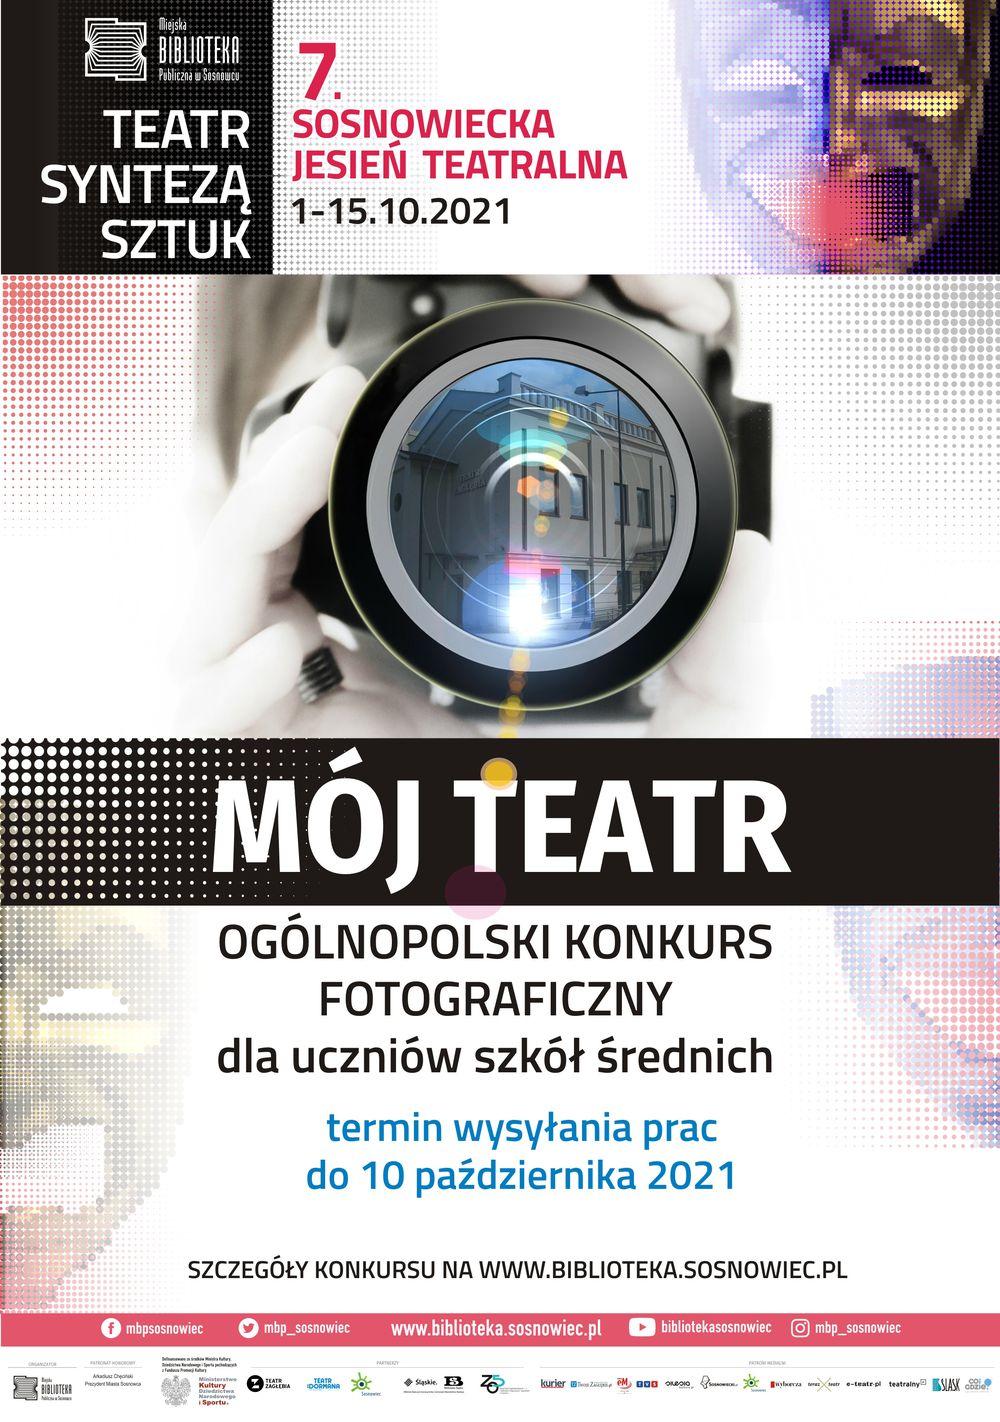 Mój Teatr - konkurs fotograficzny dla młodzieży